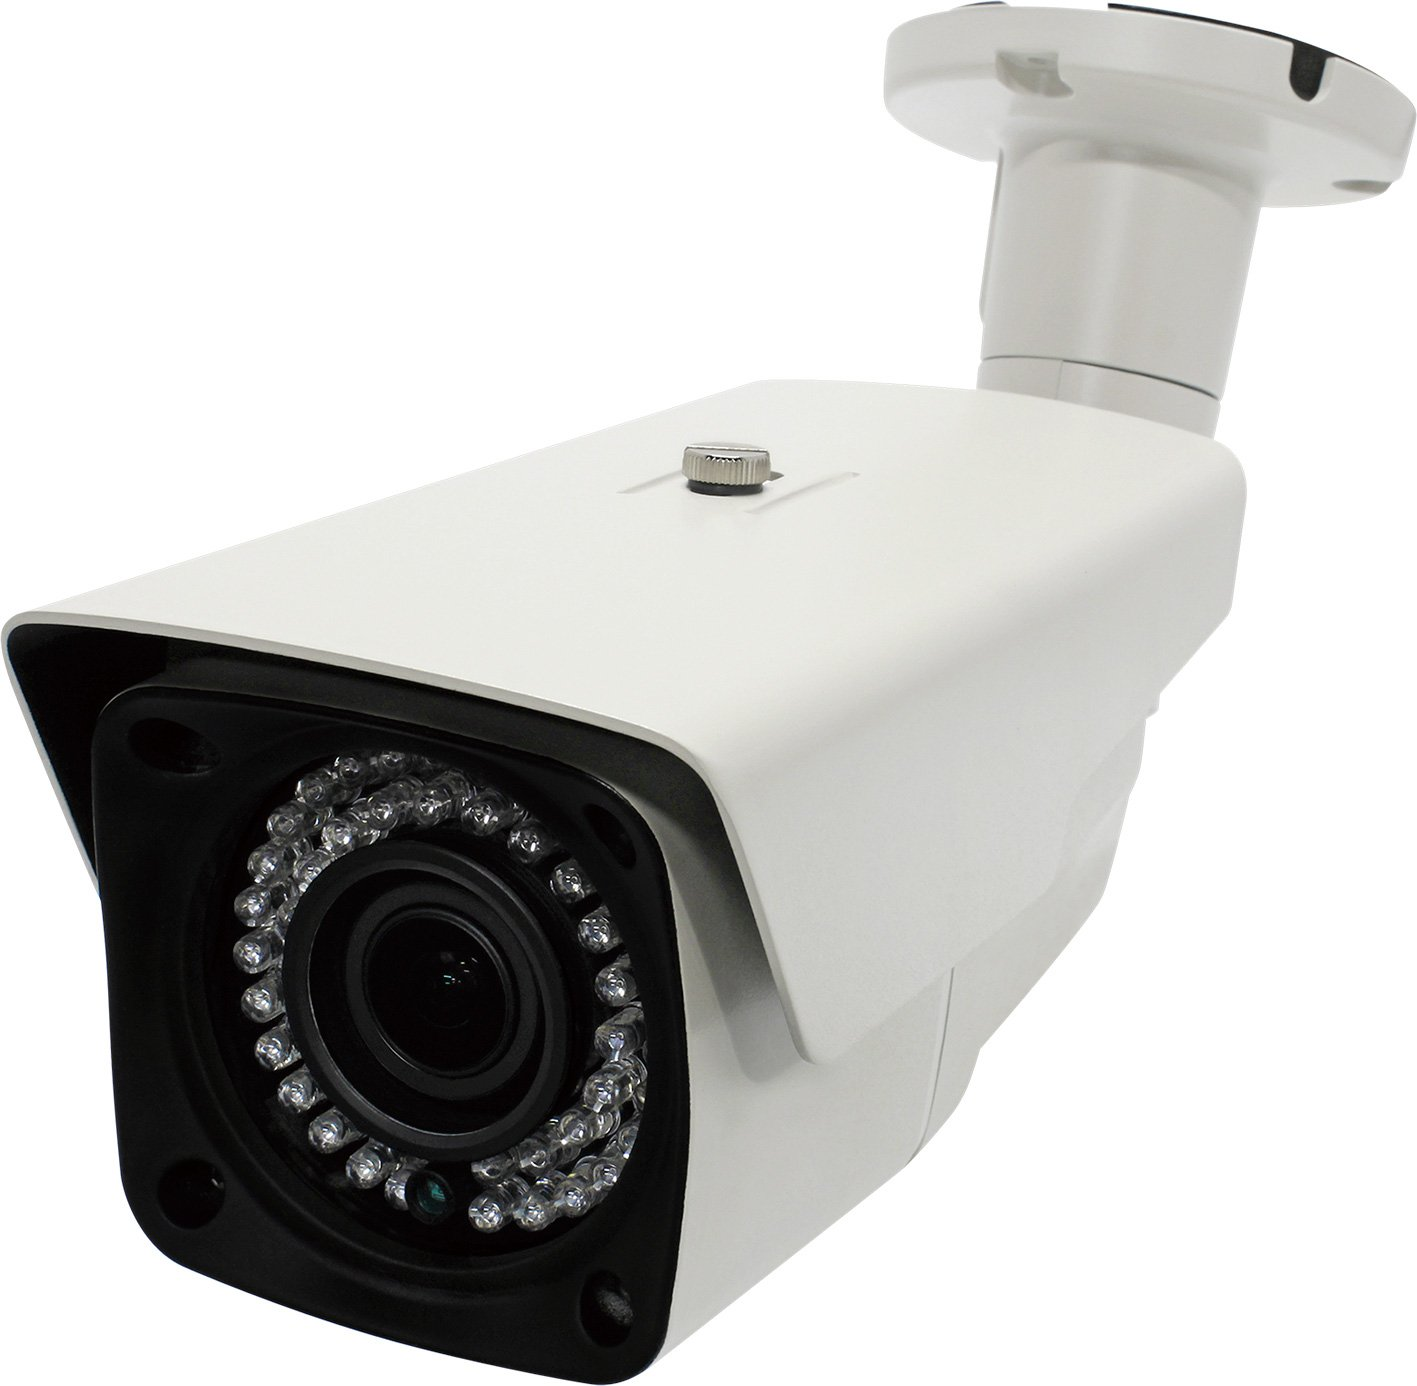 人気商品は IPカメラシリーズ B07DHHG81V 220万画素 屋外軒下防水型 防犯灯カメラ 1年保証 WTW-PWV72HE【日本製、国内保証 220万画素、国内サポート、国内問い合わせ可能。防犯カメラ 業界一の塚本無線が 1年保証 防犯カメラ館】 B07DHHG81V, どっぐしょっぷ-ndc:100d5c85 --- martinemoeykens-com.access.secure-ssl-servers.info